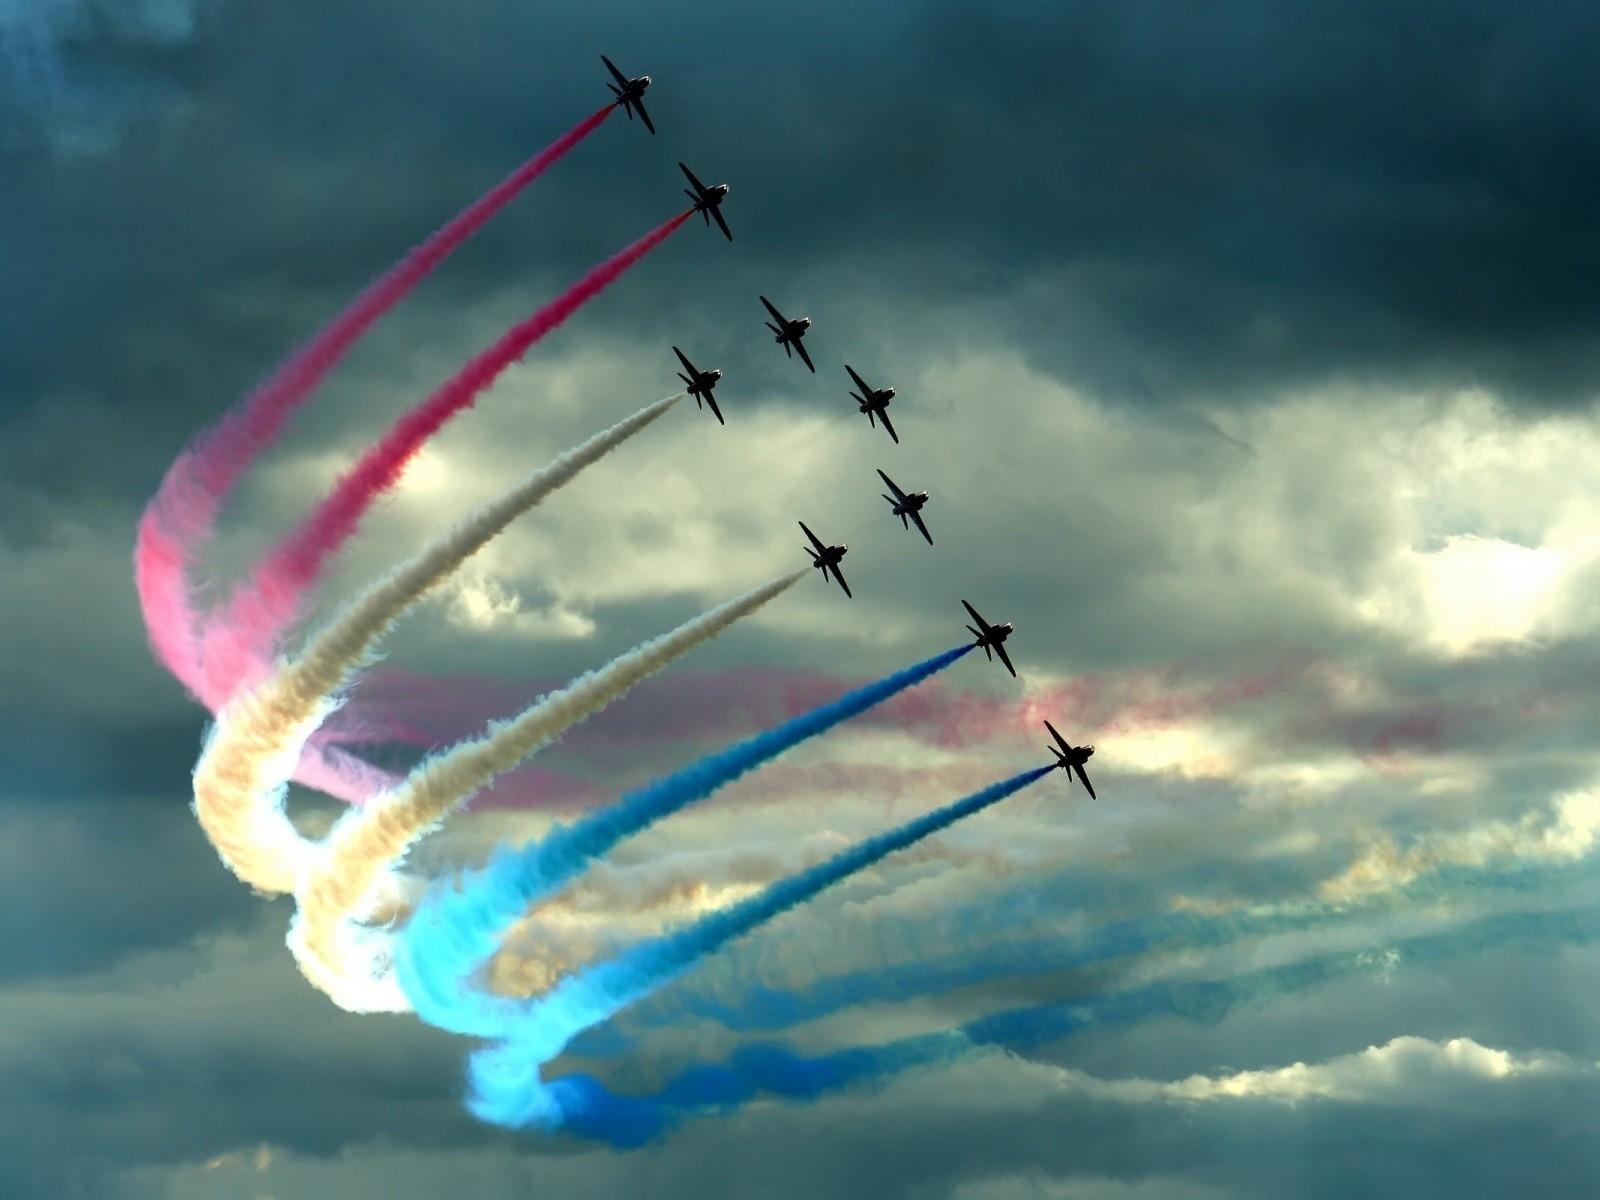 Самолеты рисуют в небе оставляют за